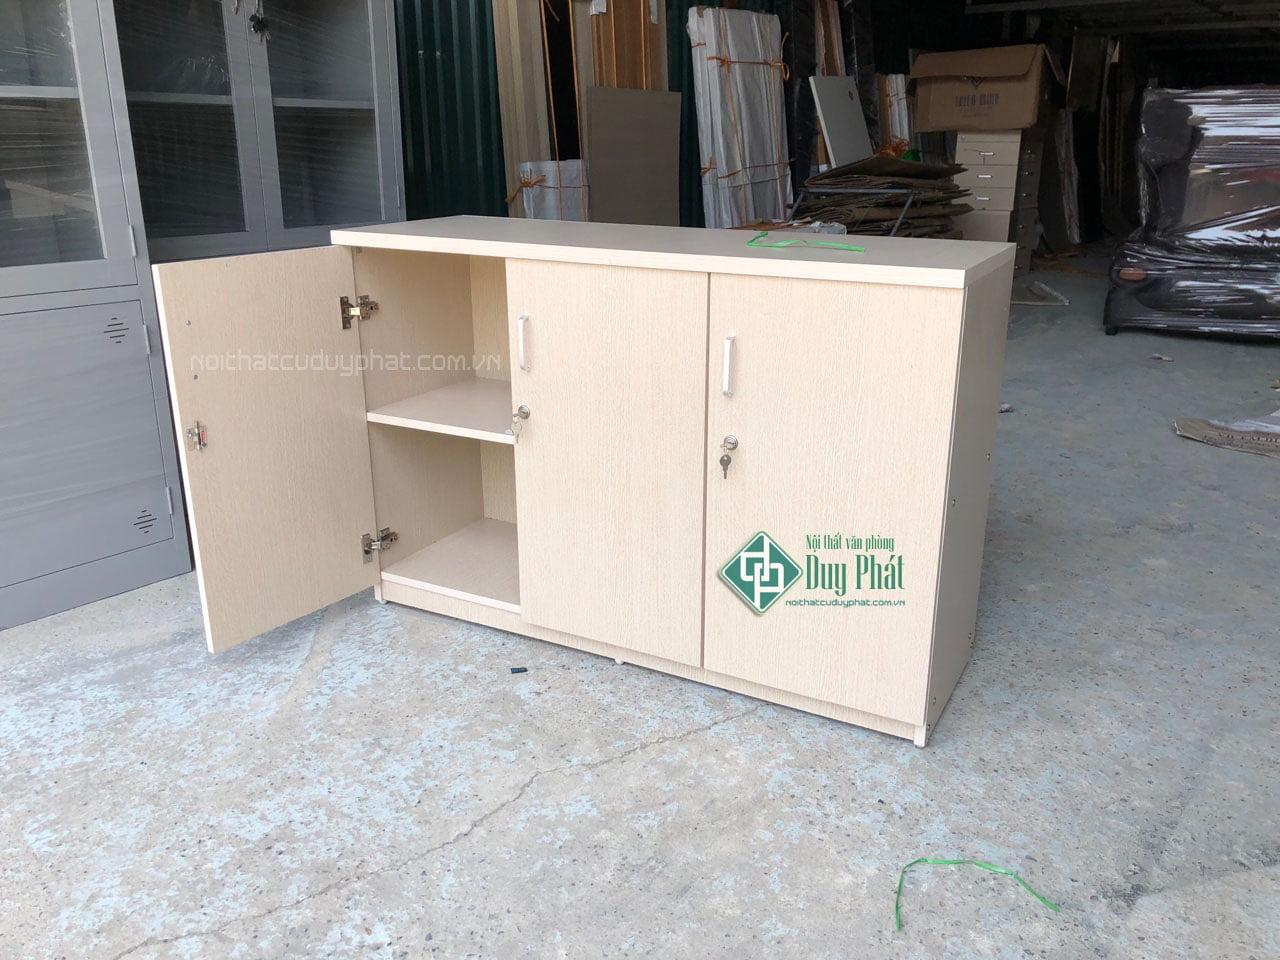 Thanh lý tủ văn phòng Hưng Yên Giá Rẻ - Mới 100%